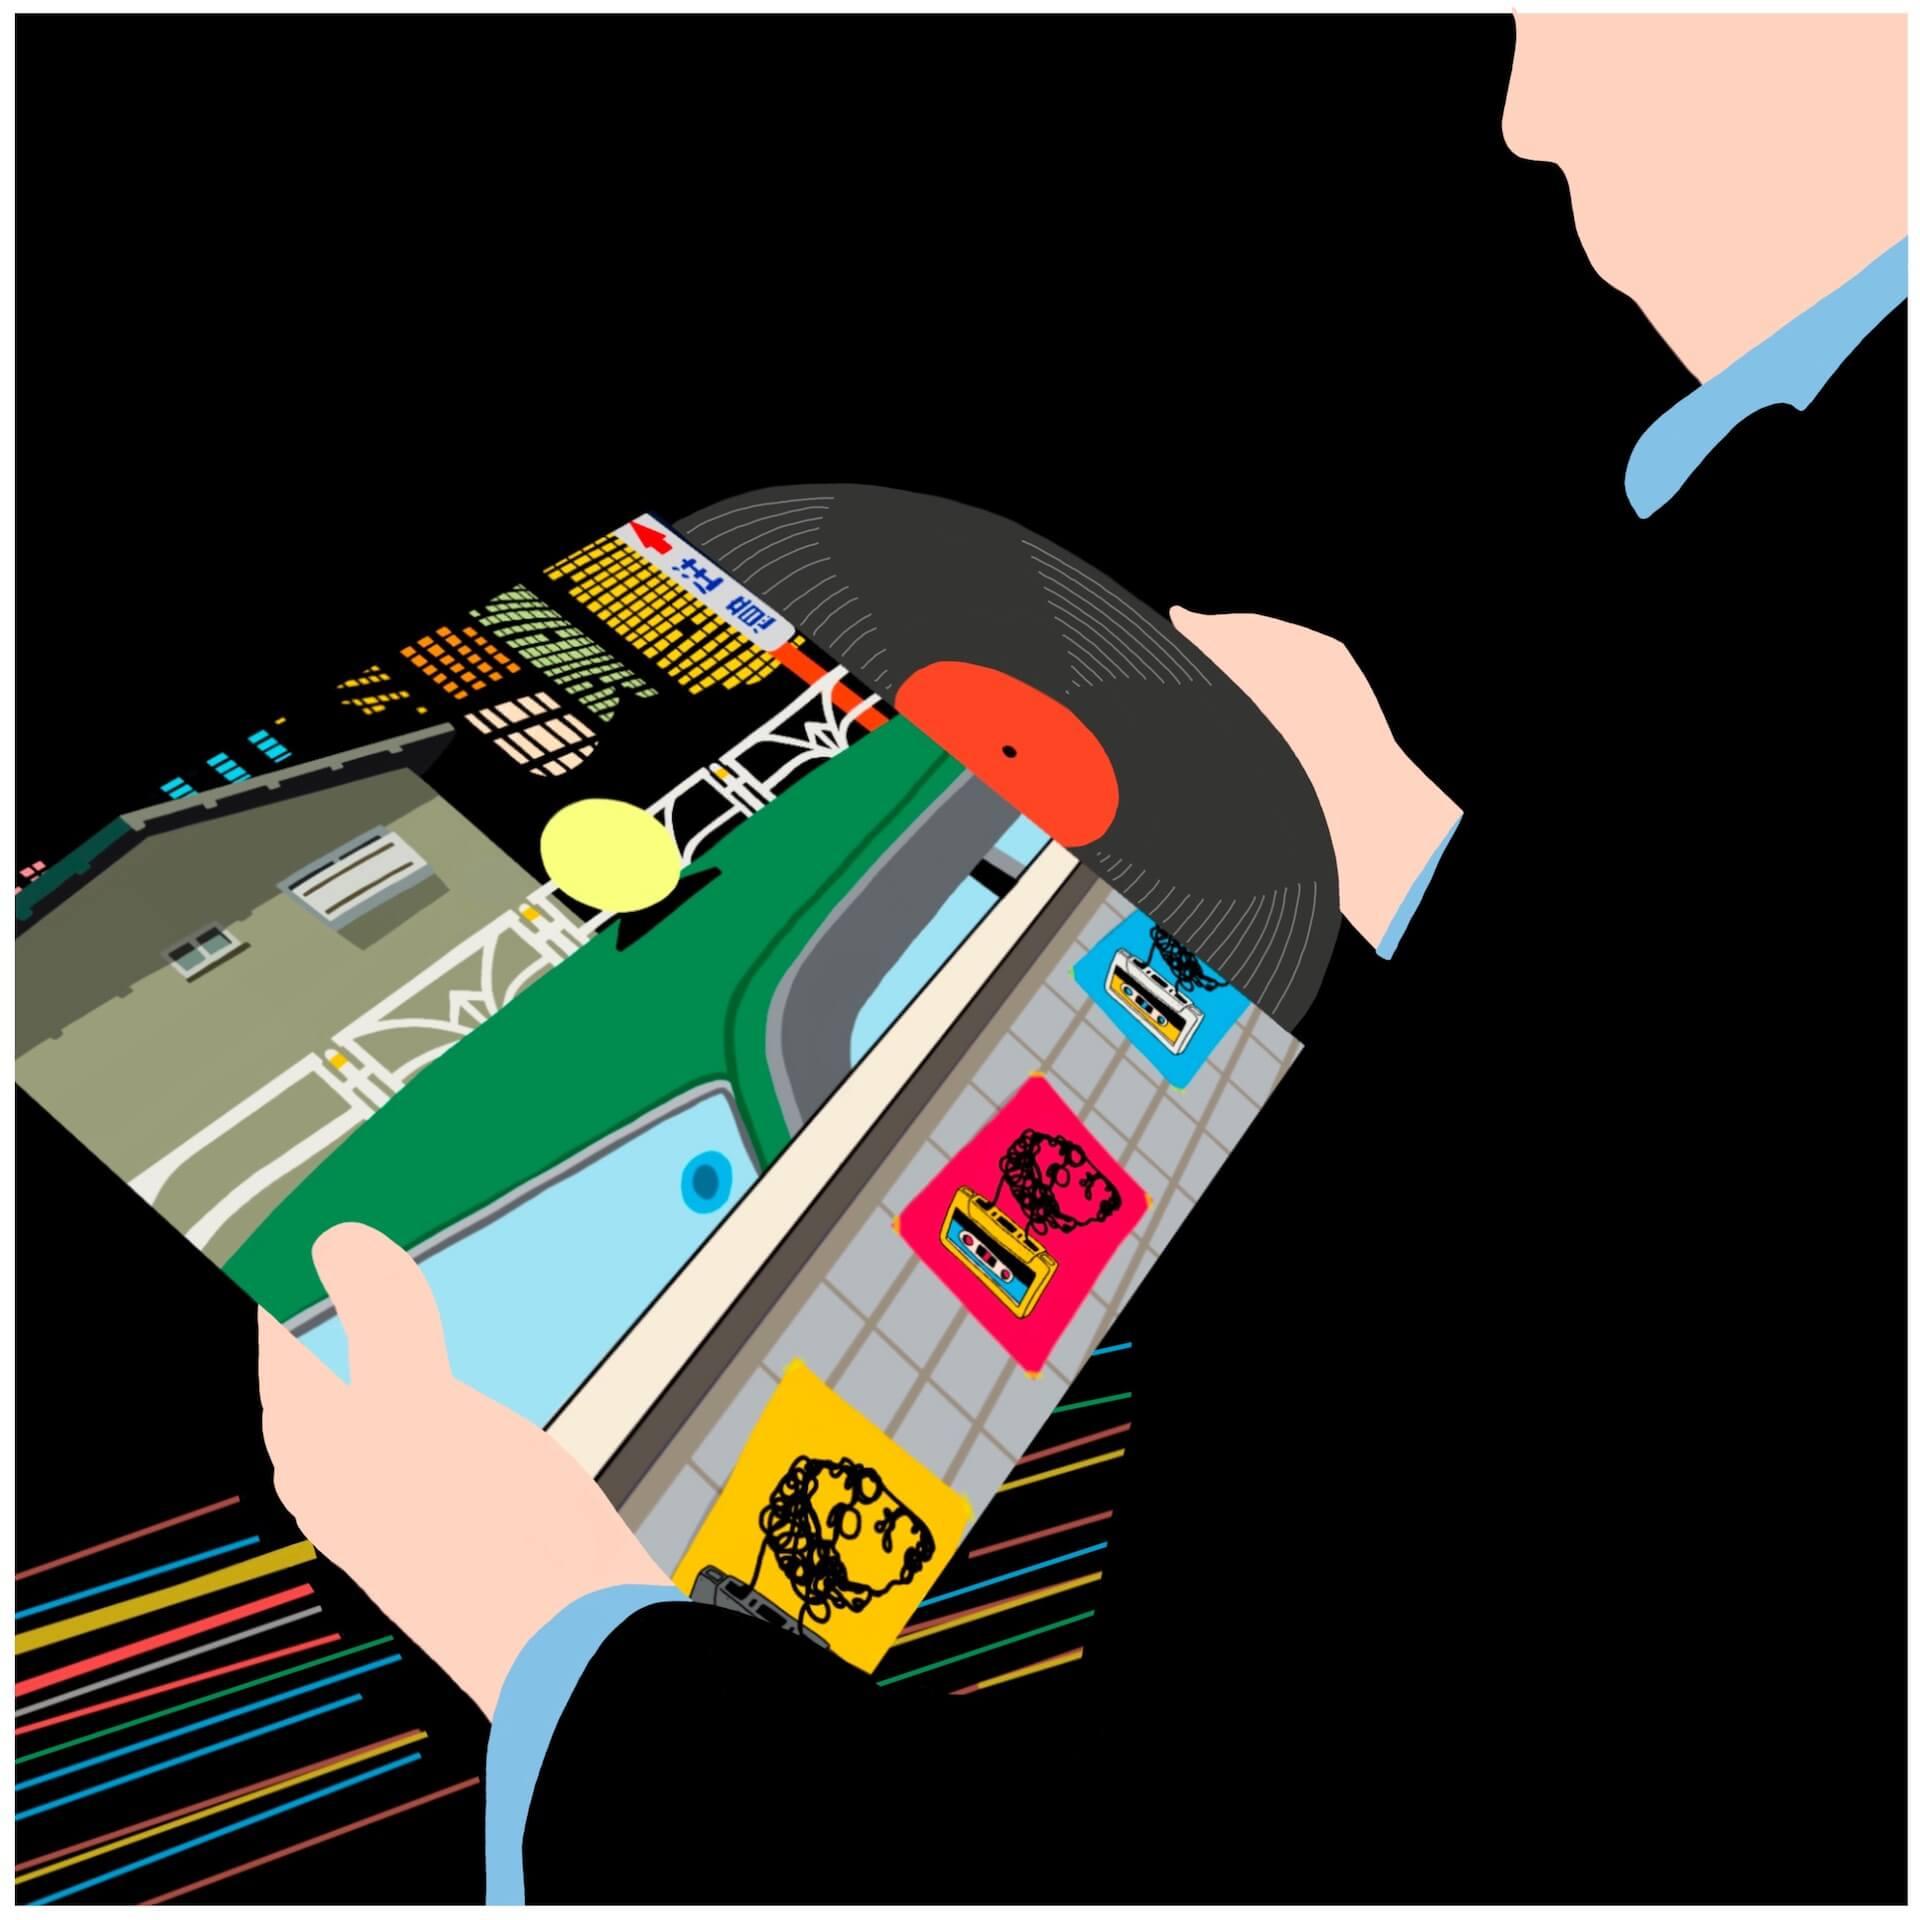 """冨田ラボによる""""夜汽車 feat. BASI & kojikoji""""がリリース決定!ミュージックビデオも公開 music210622_tomitalabo4"""